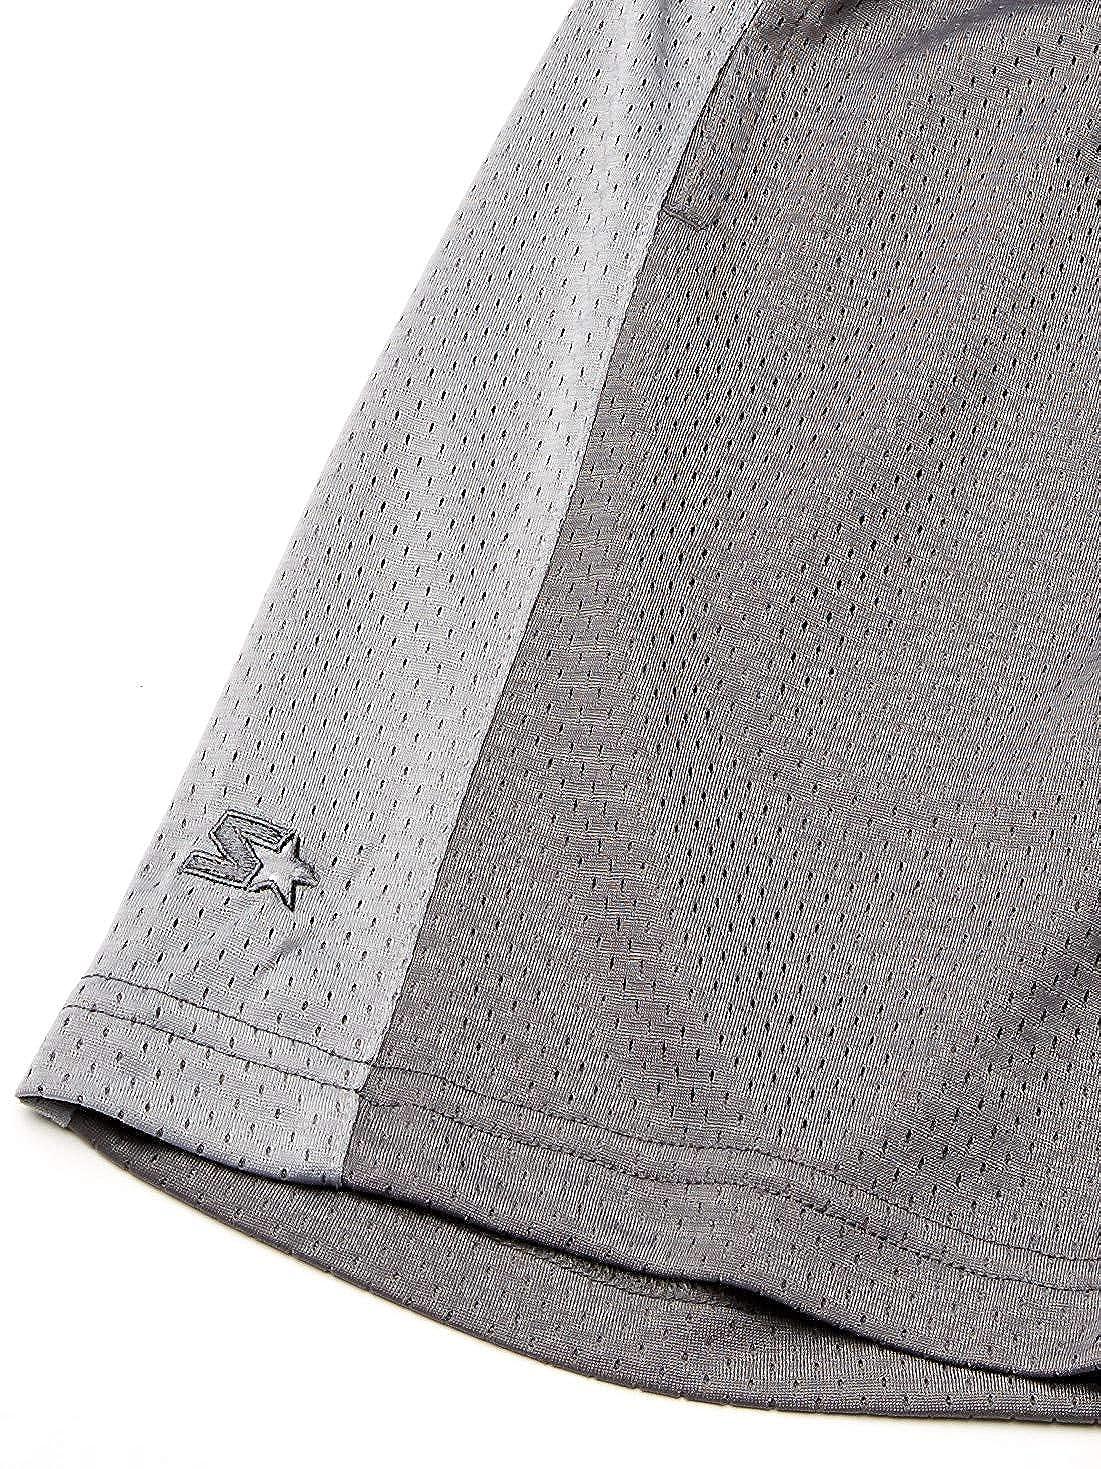 Starter Girls Mesh Basketball Shorts